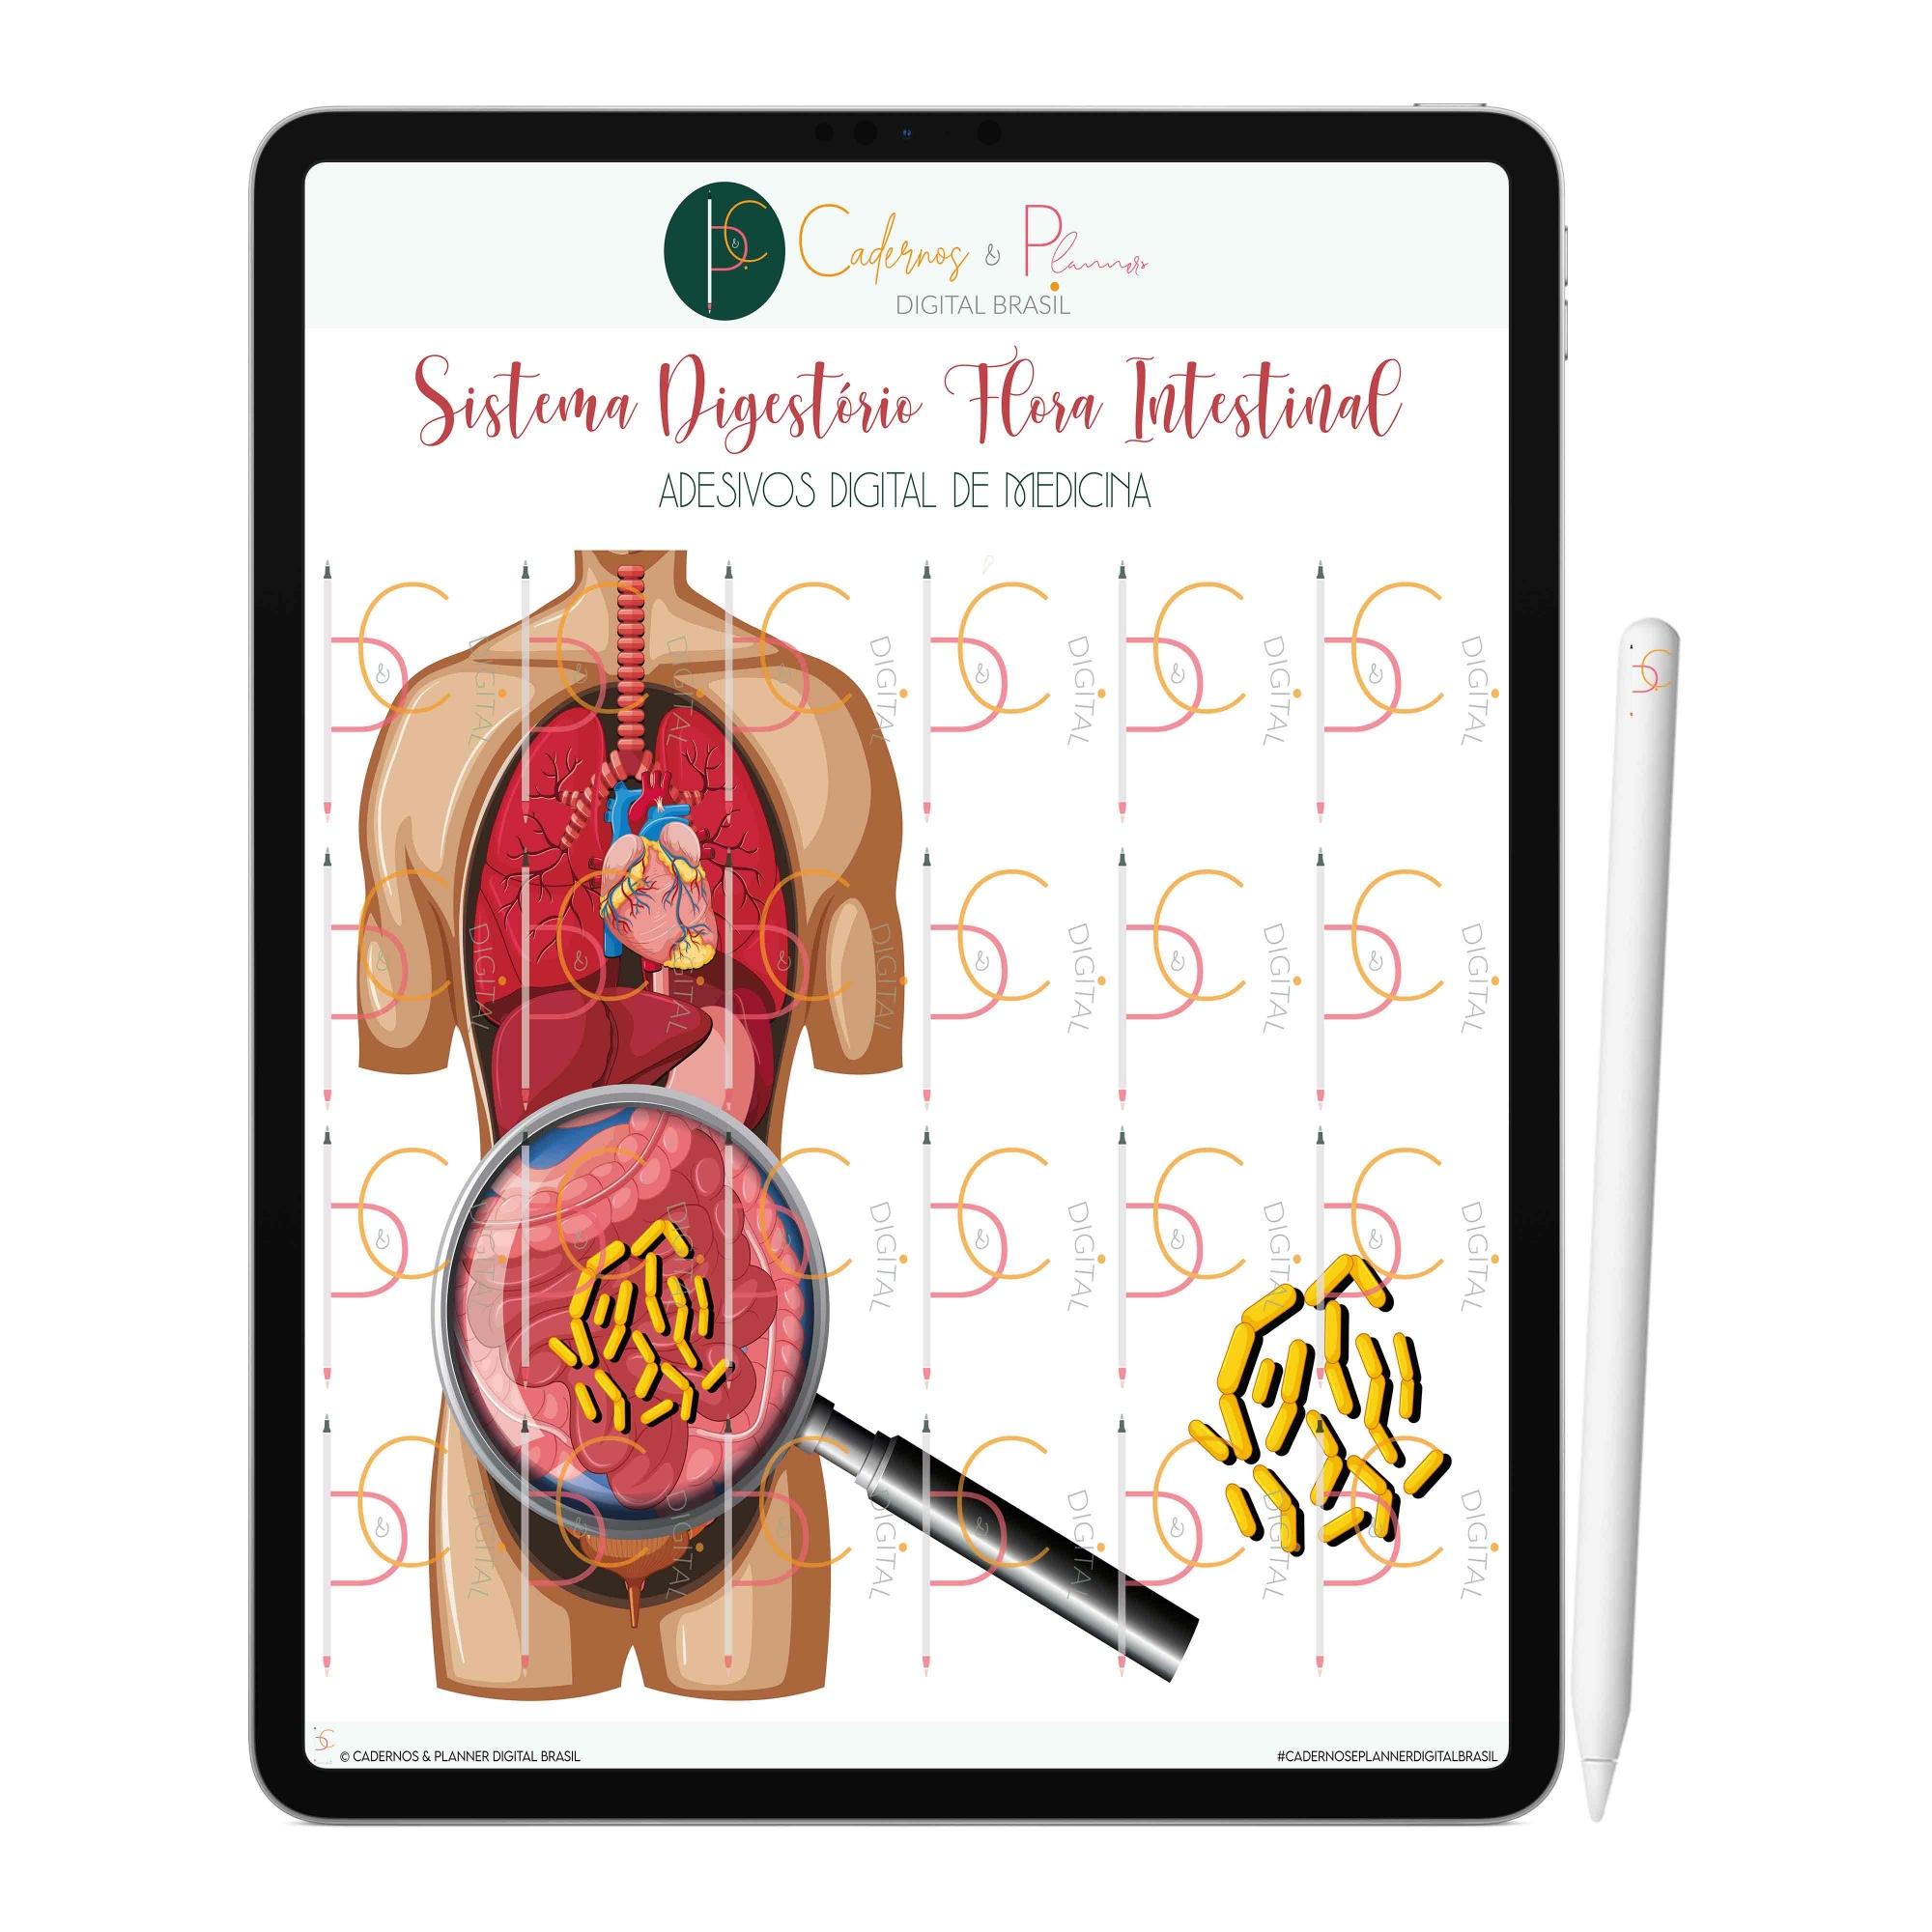 Adesivos Digital de Medicina - Sistema Digestório | iPad Tablet | Download Instantâneo